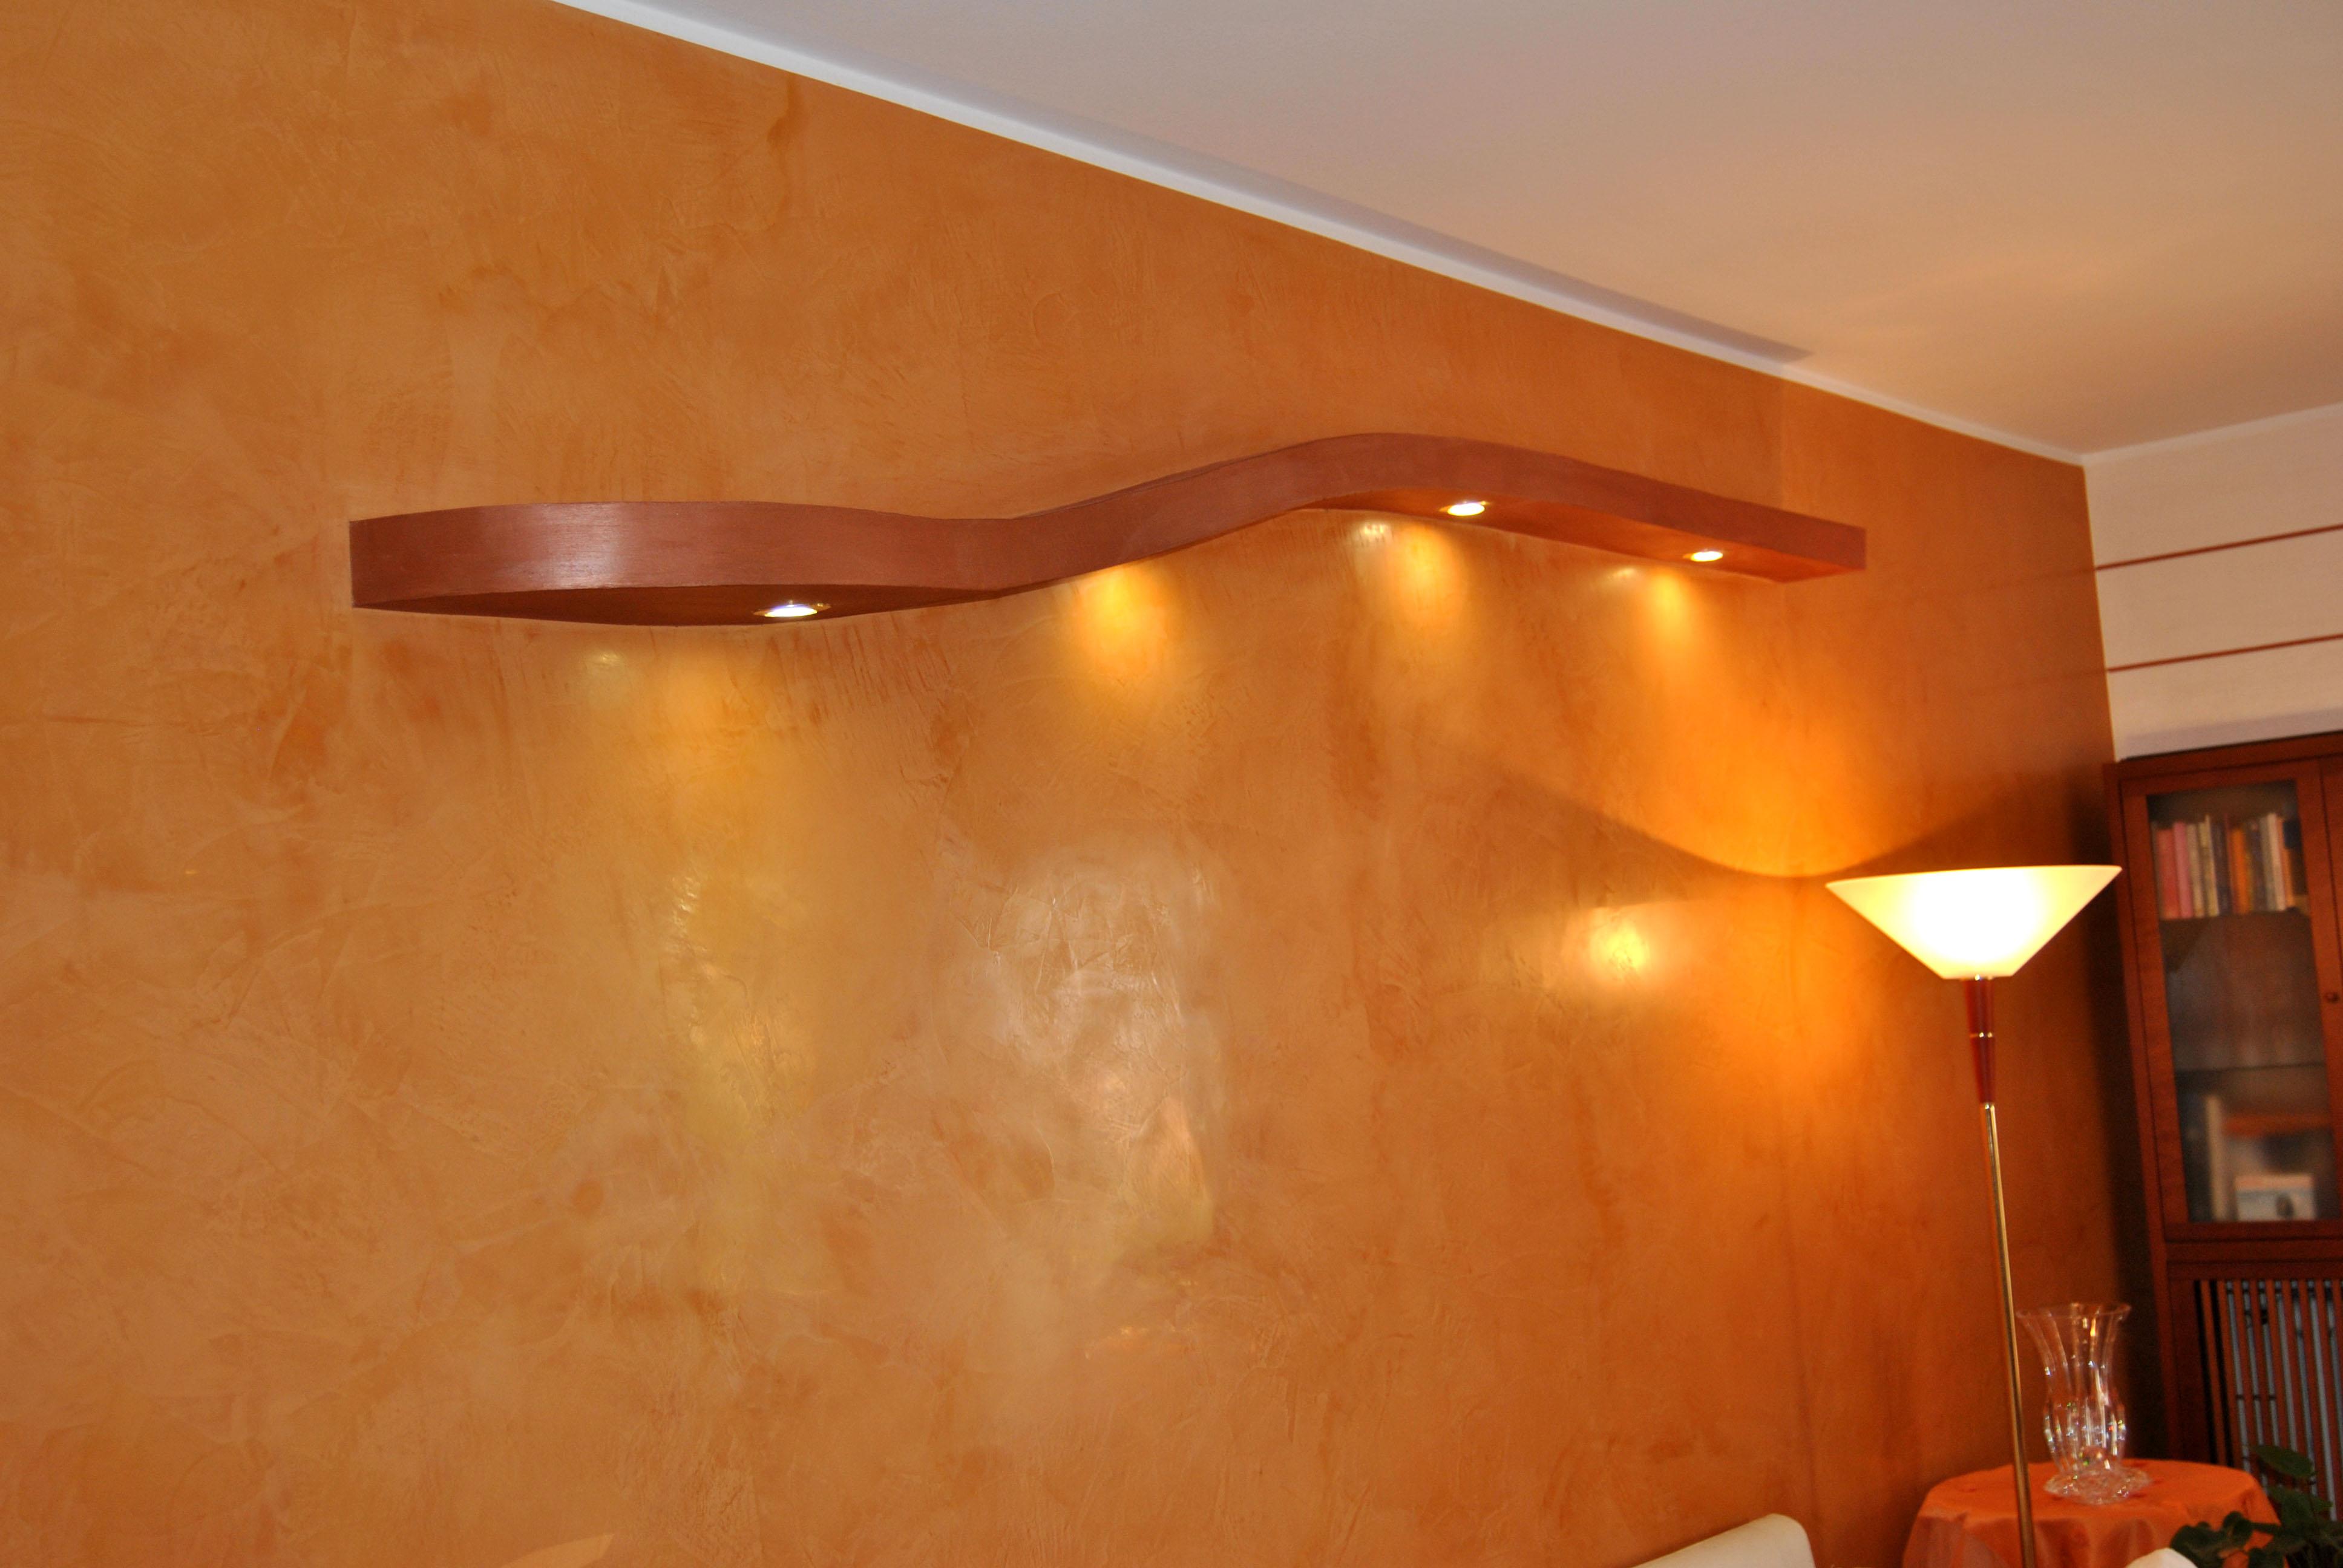 Lavori di pregio con stucco veneziano marmorino naturale for Bagni con stucco veneziano